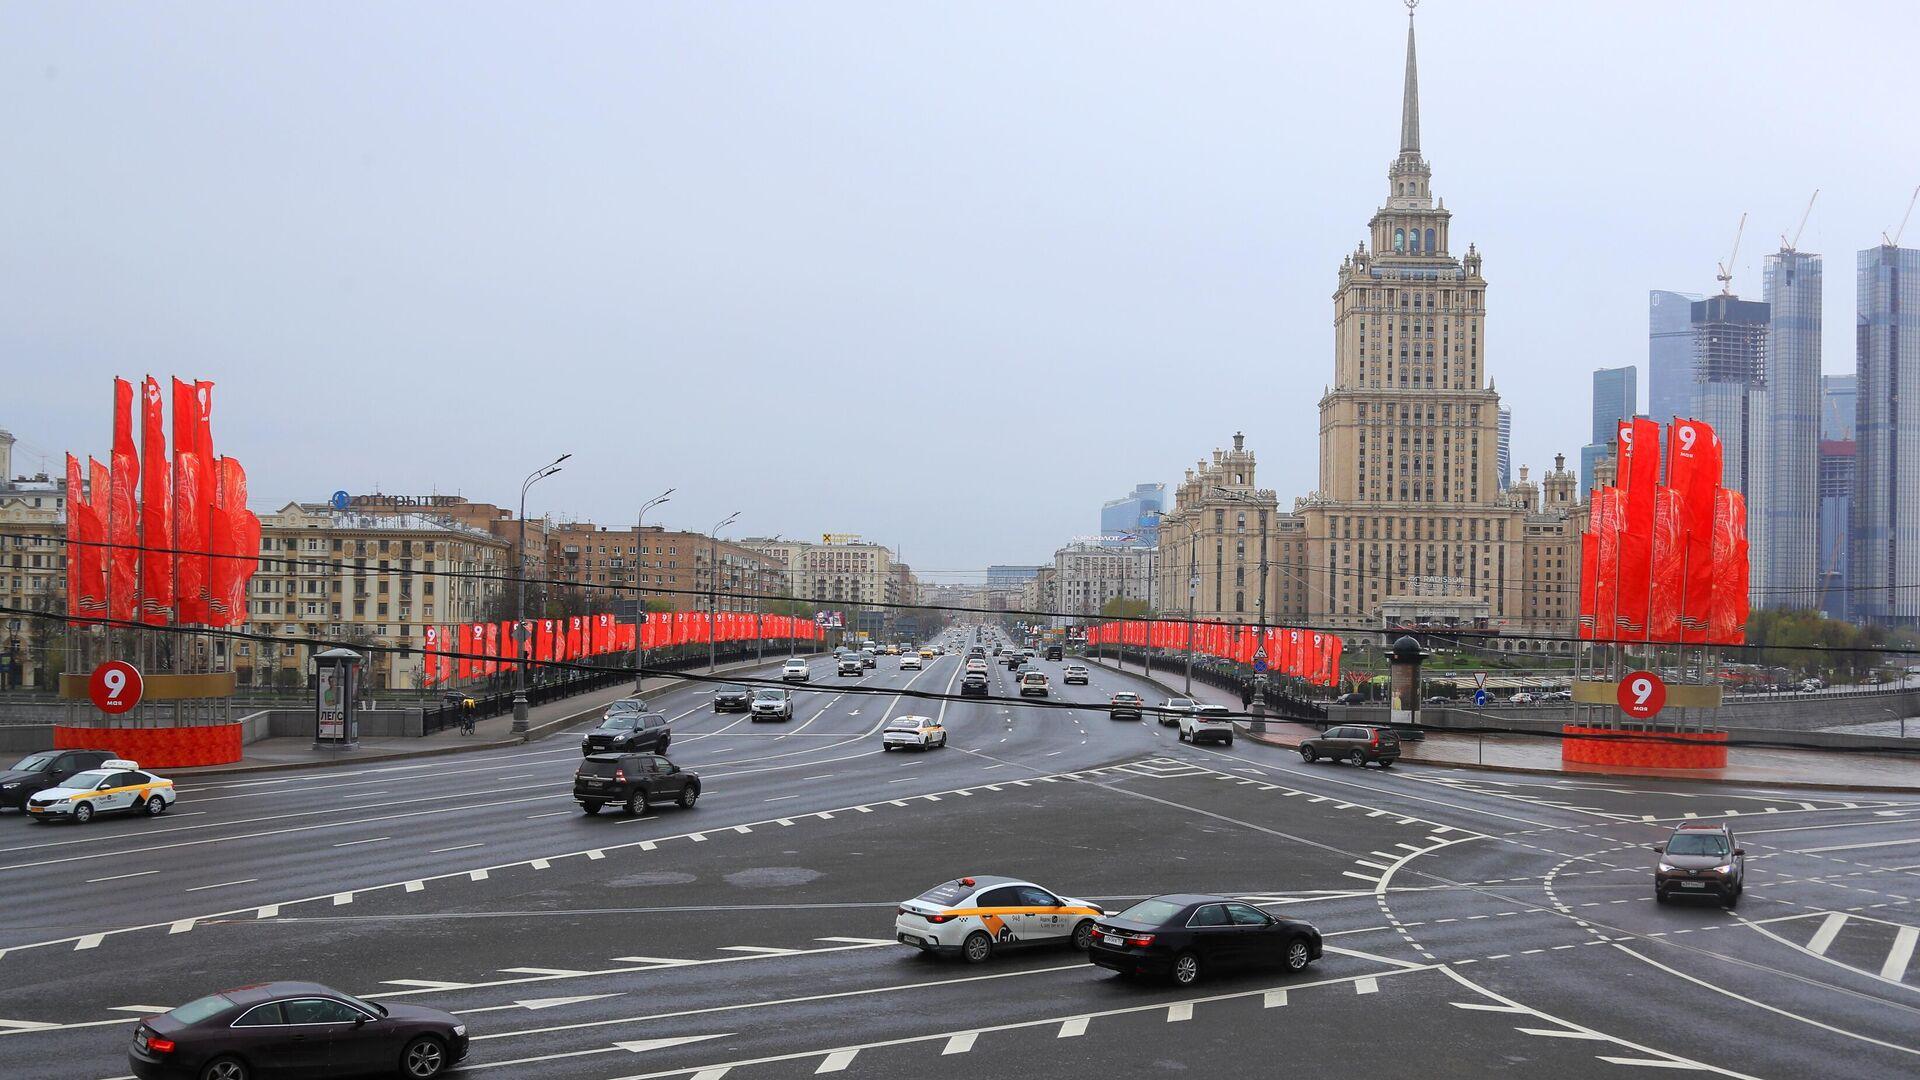 Уличное украшение ко Дню Победы недалеко от здания гостиницы Украина в Москве - РИА Новости, 1920, 08.05.2021